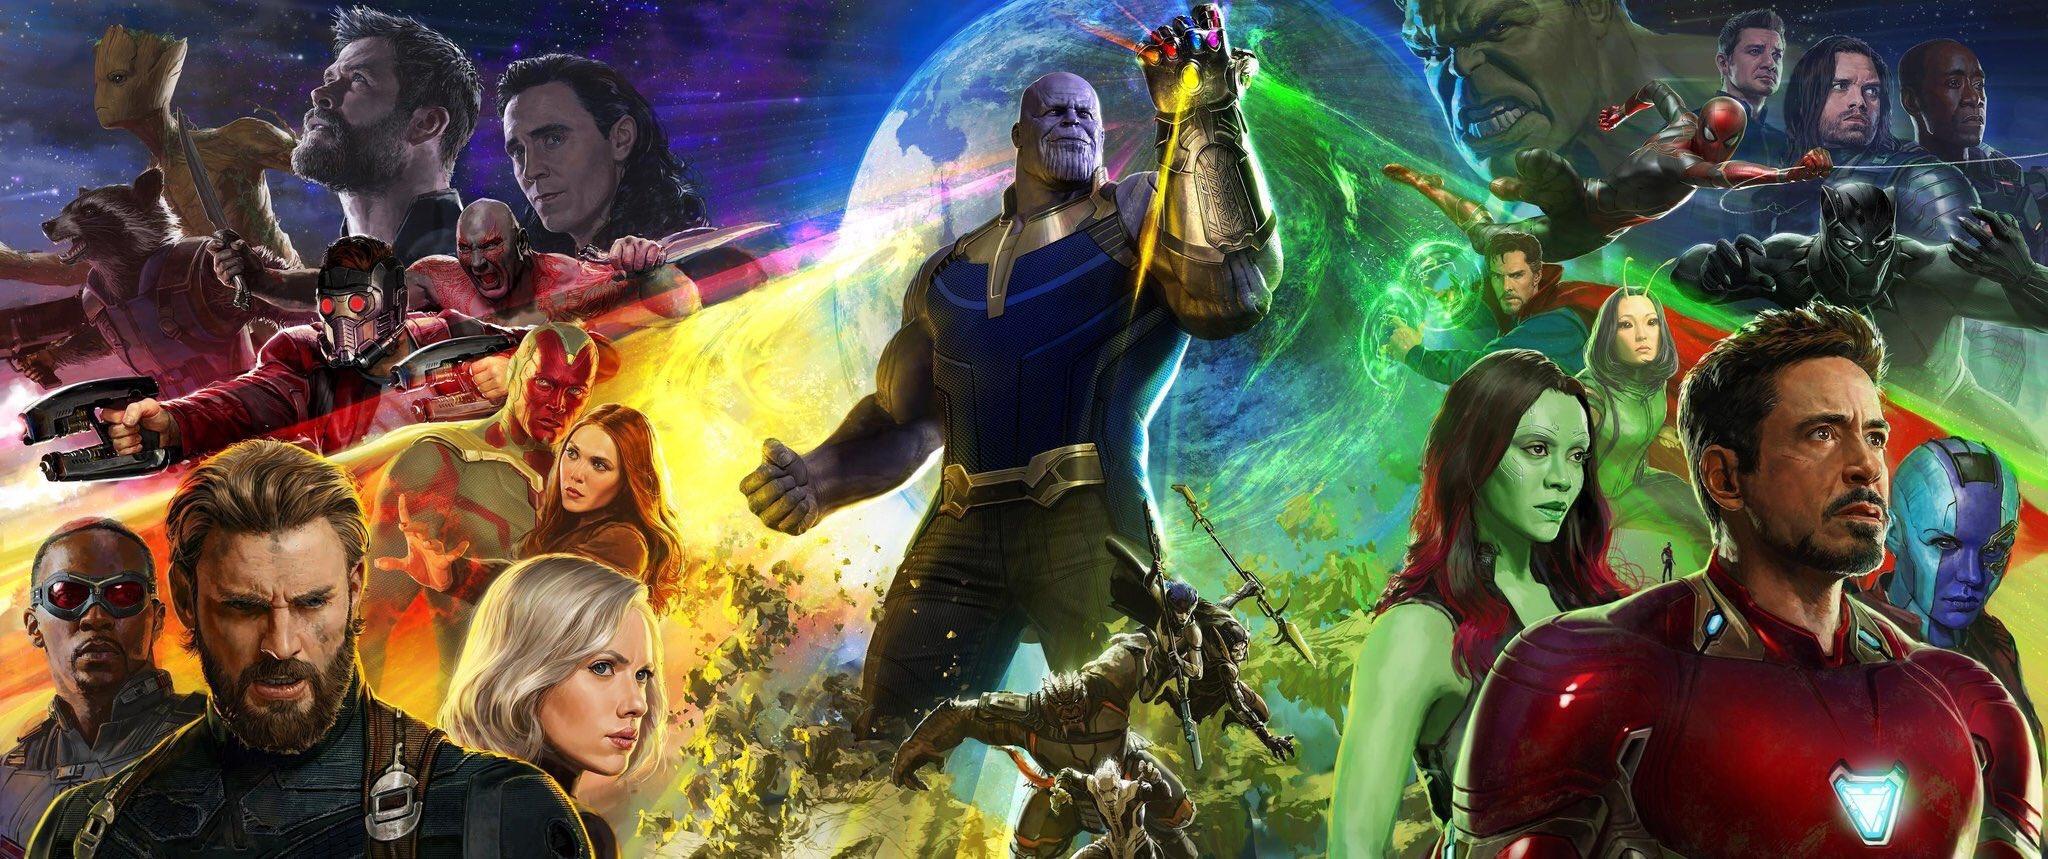 Avengers: Infinity War elimina a importante personaje en su trama